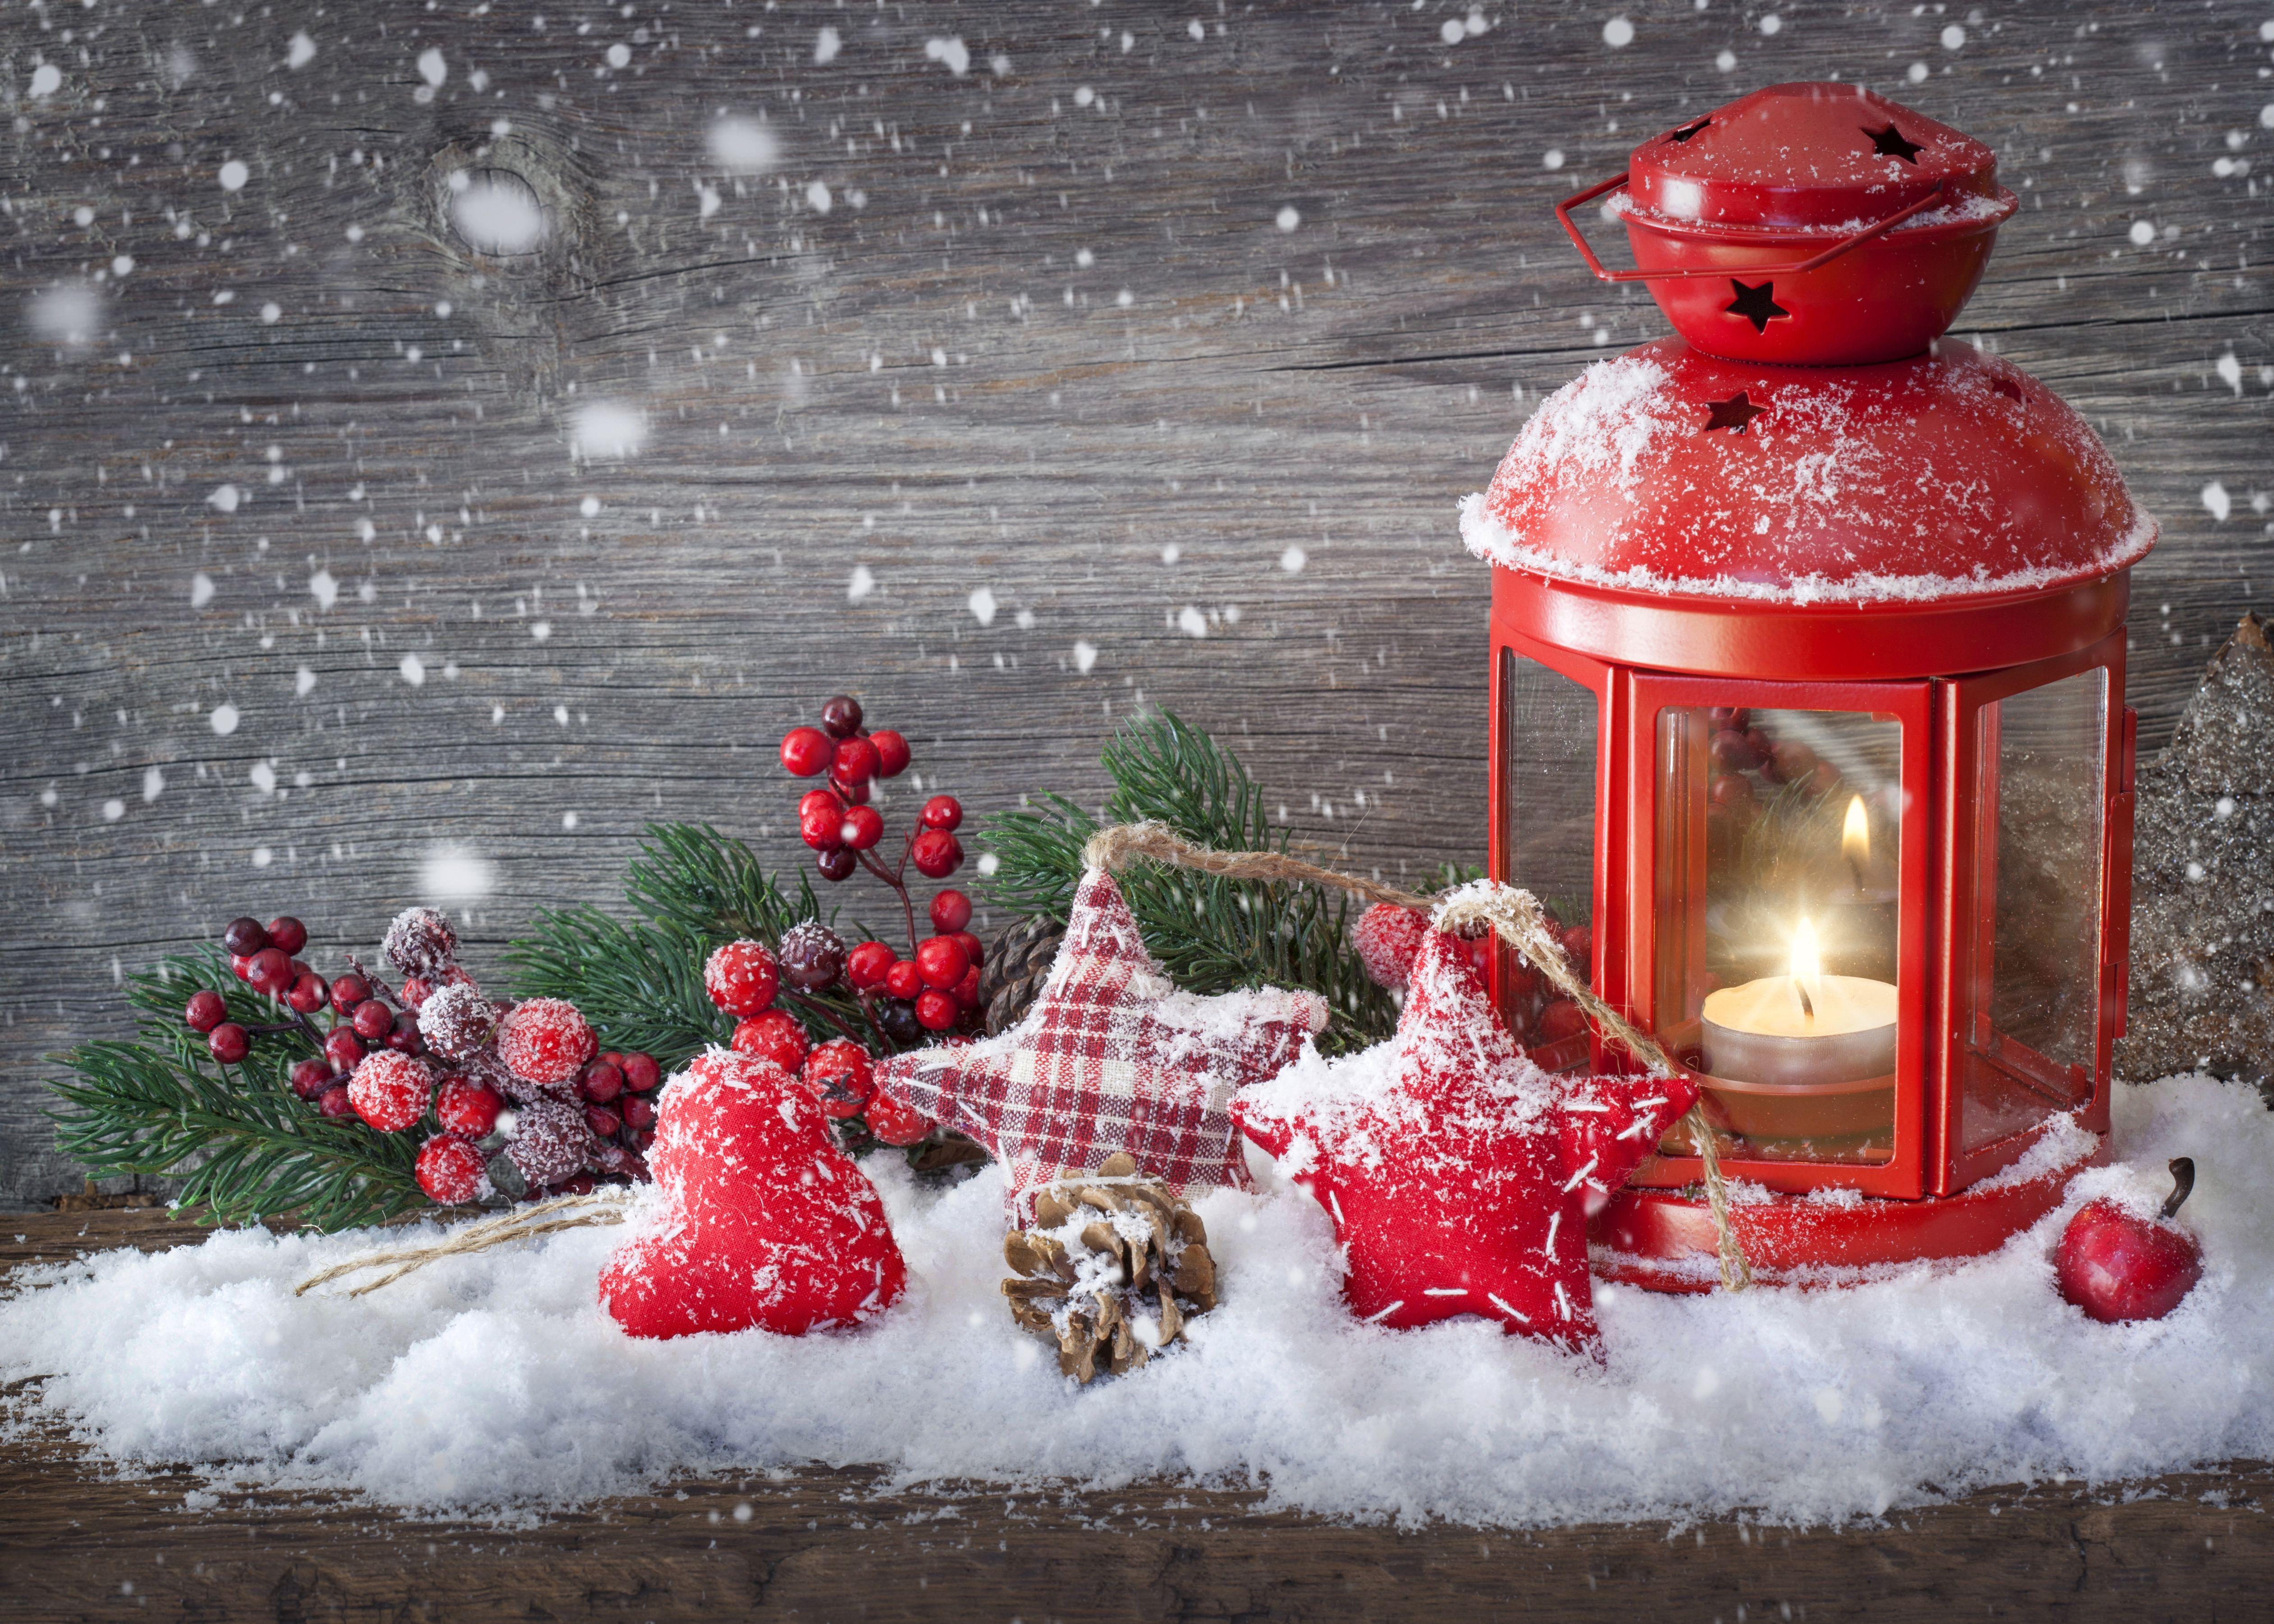 Weihnachtsdeko Wohnzimmer ~ Weihnachten weihnachtsdekoration so kommt das fest ins